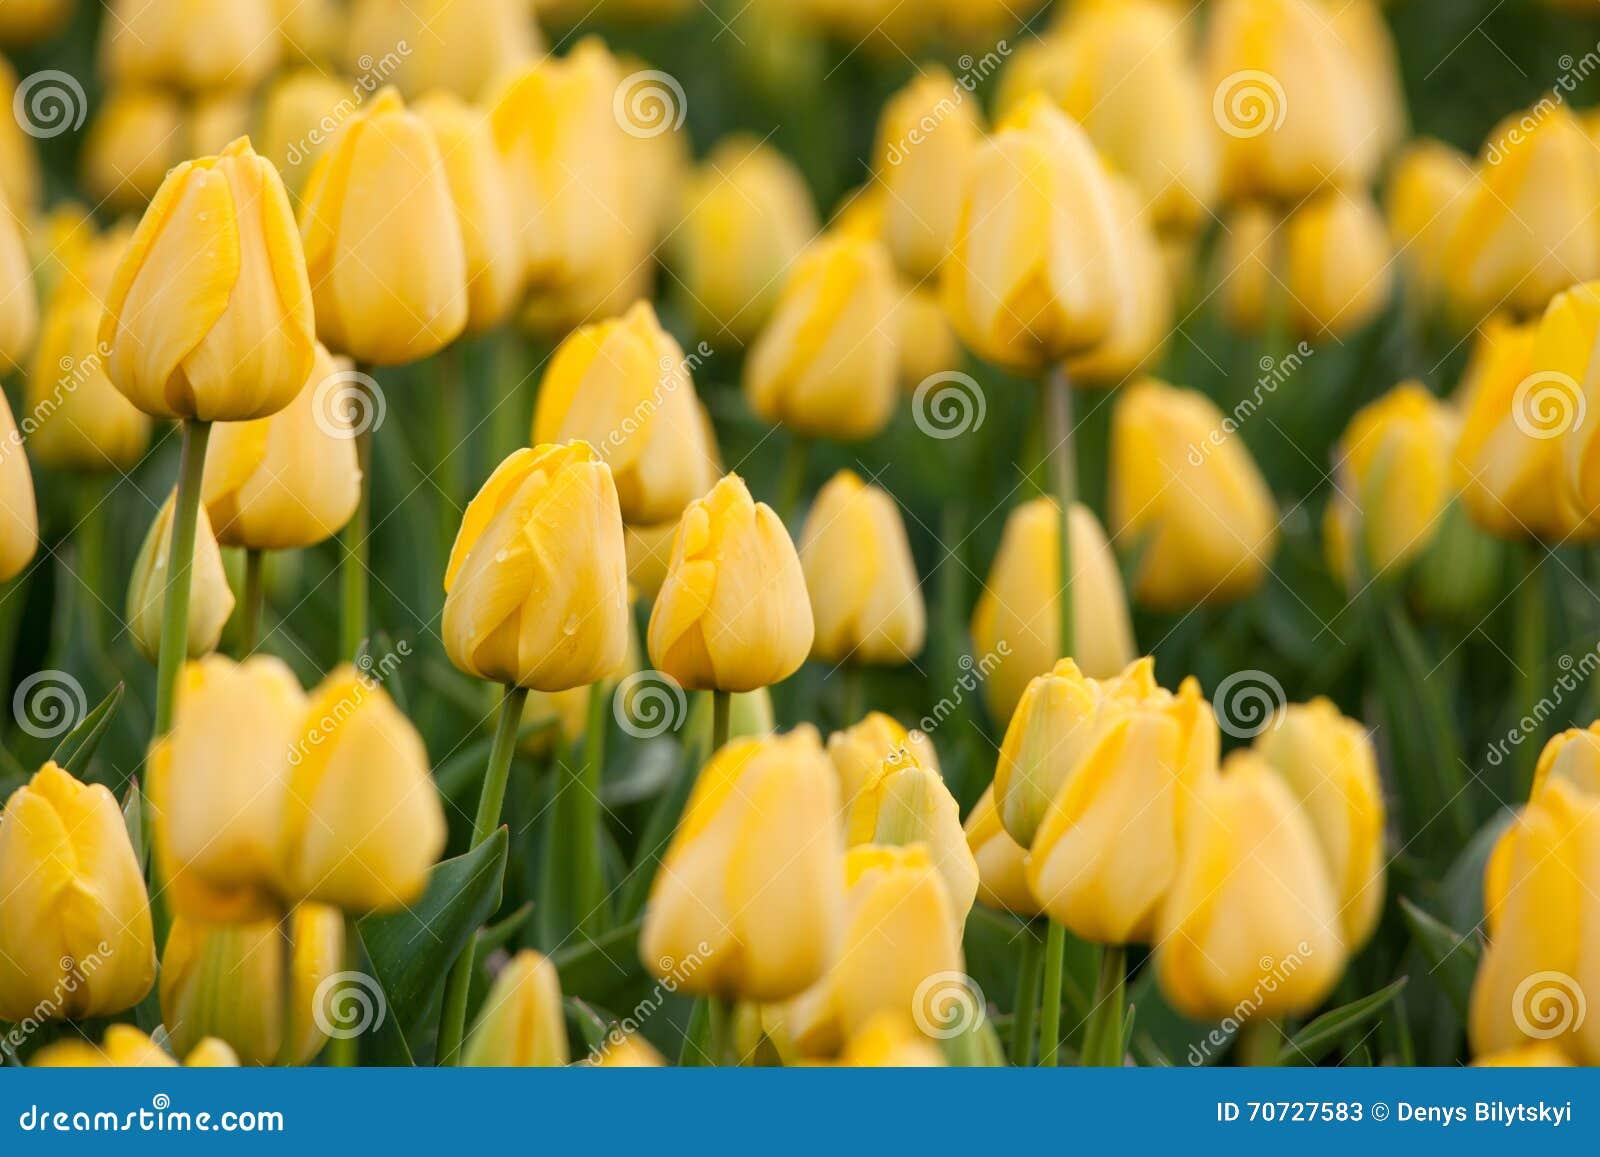 Tulipe Les belles tulipes jaunes fleurit au printemps le jardin, fond floral